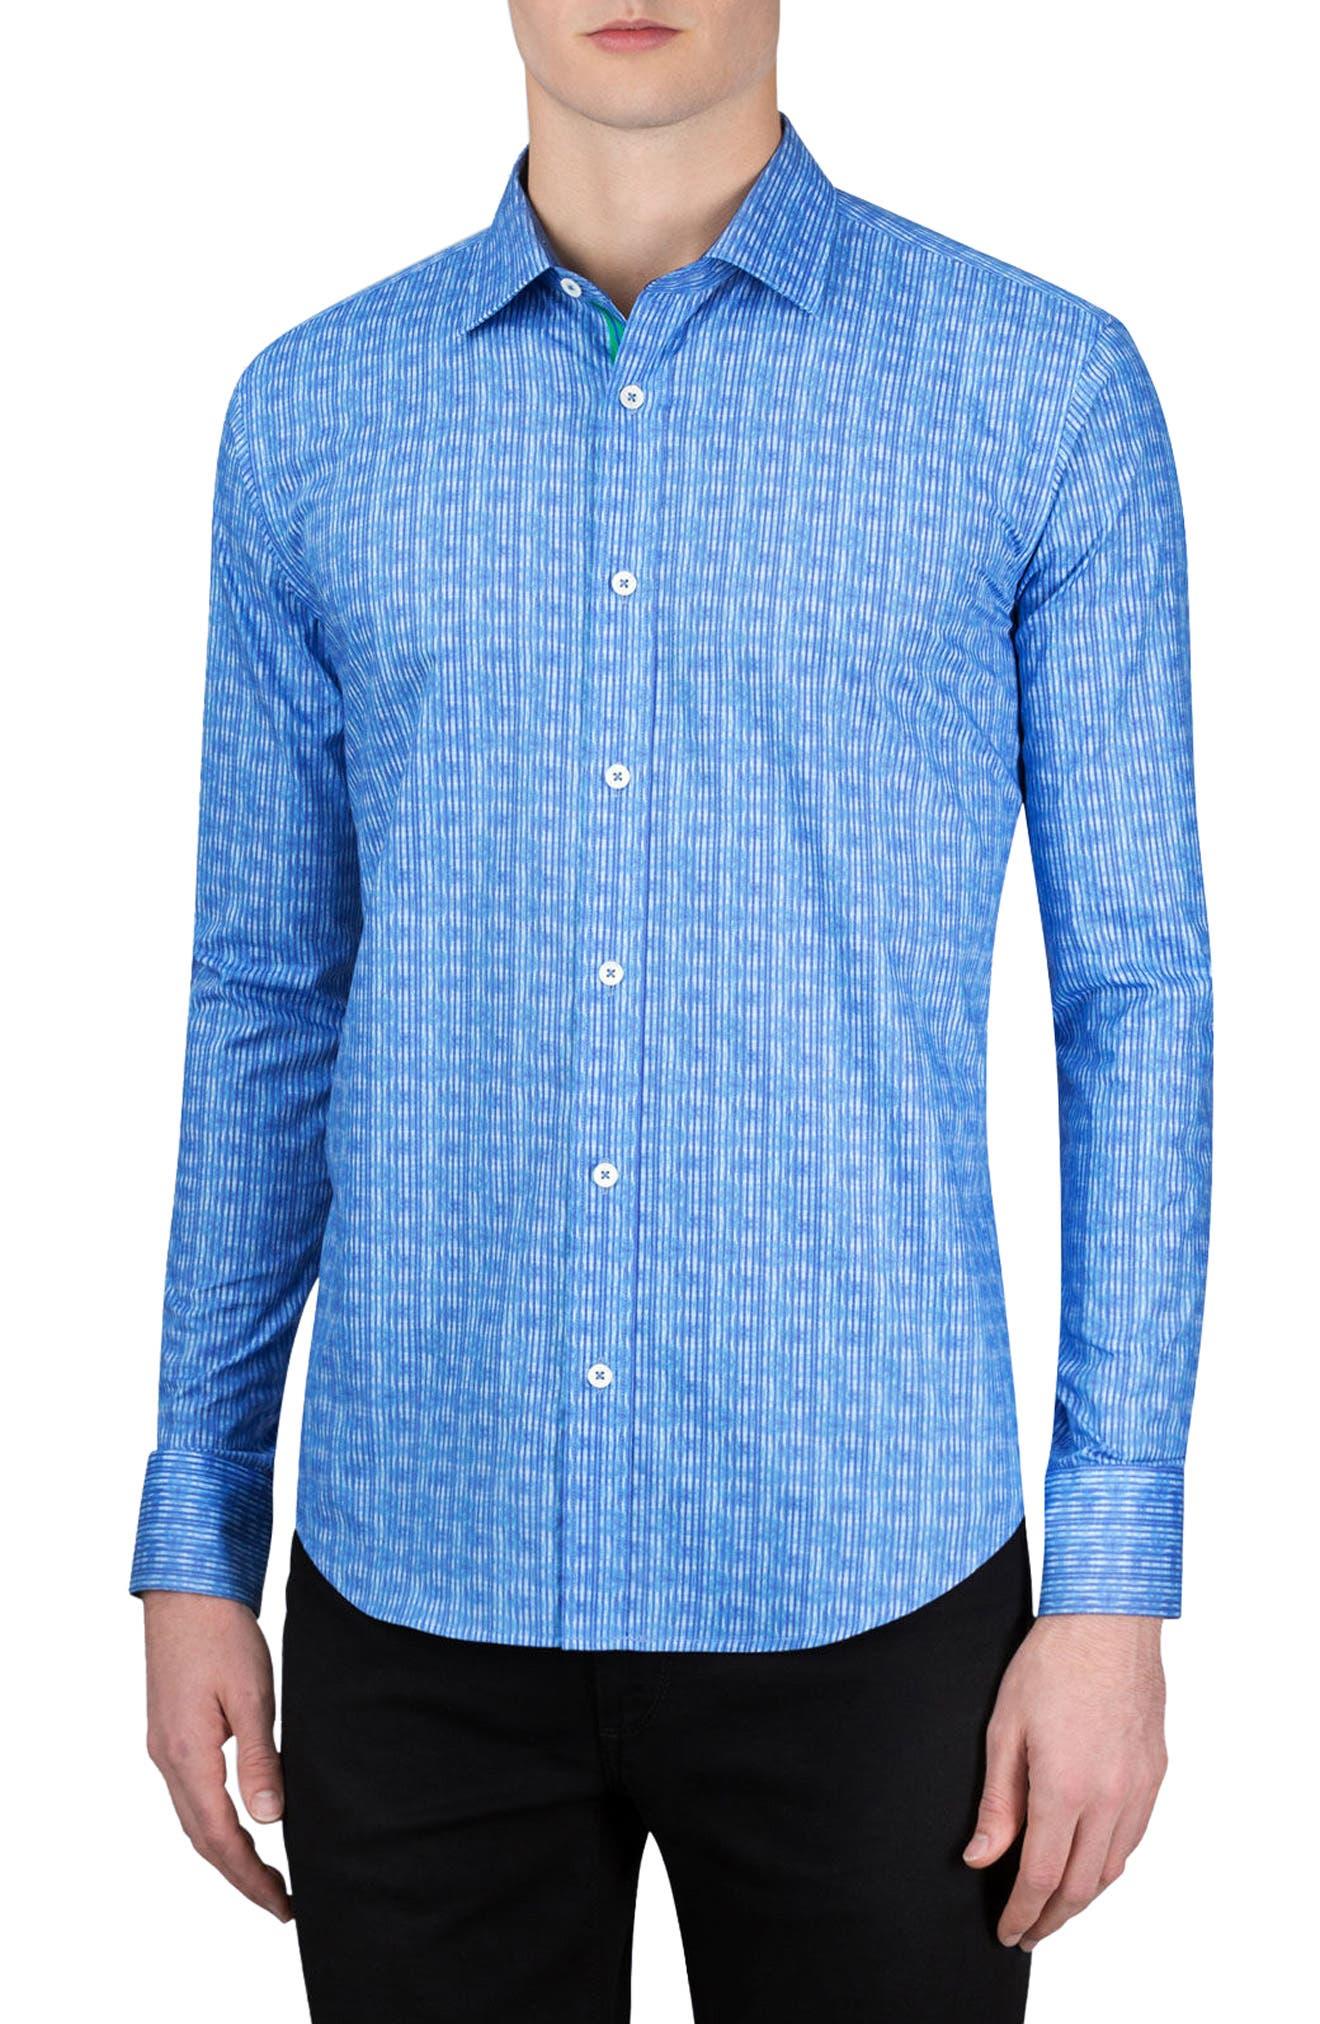 Main Image - Bugatchi Shaped Fit Stripe Sport Shirt